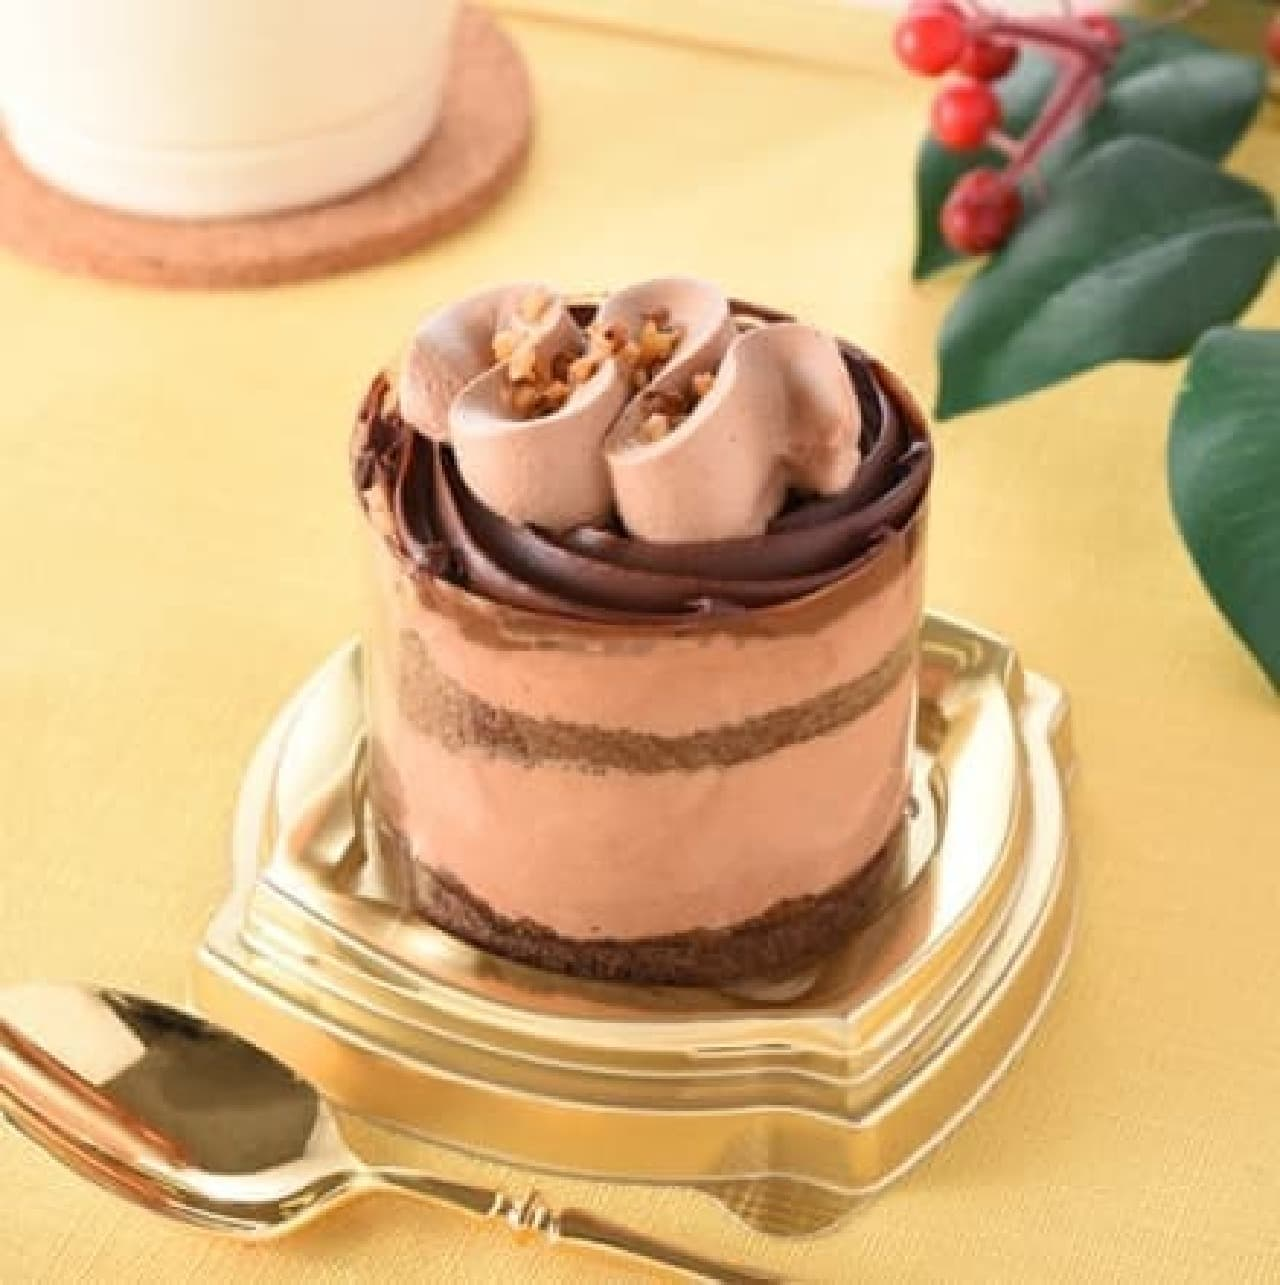 ファミリーマート「チョコレートケーキ」